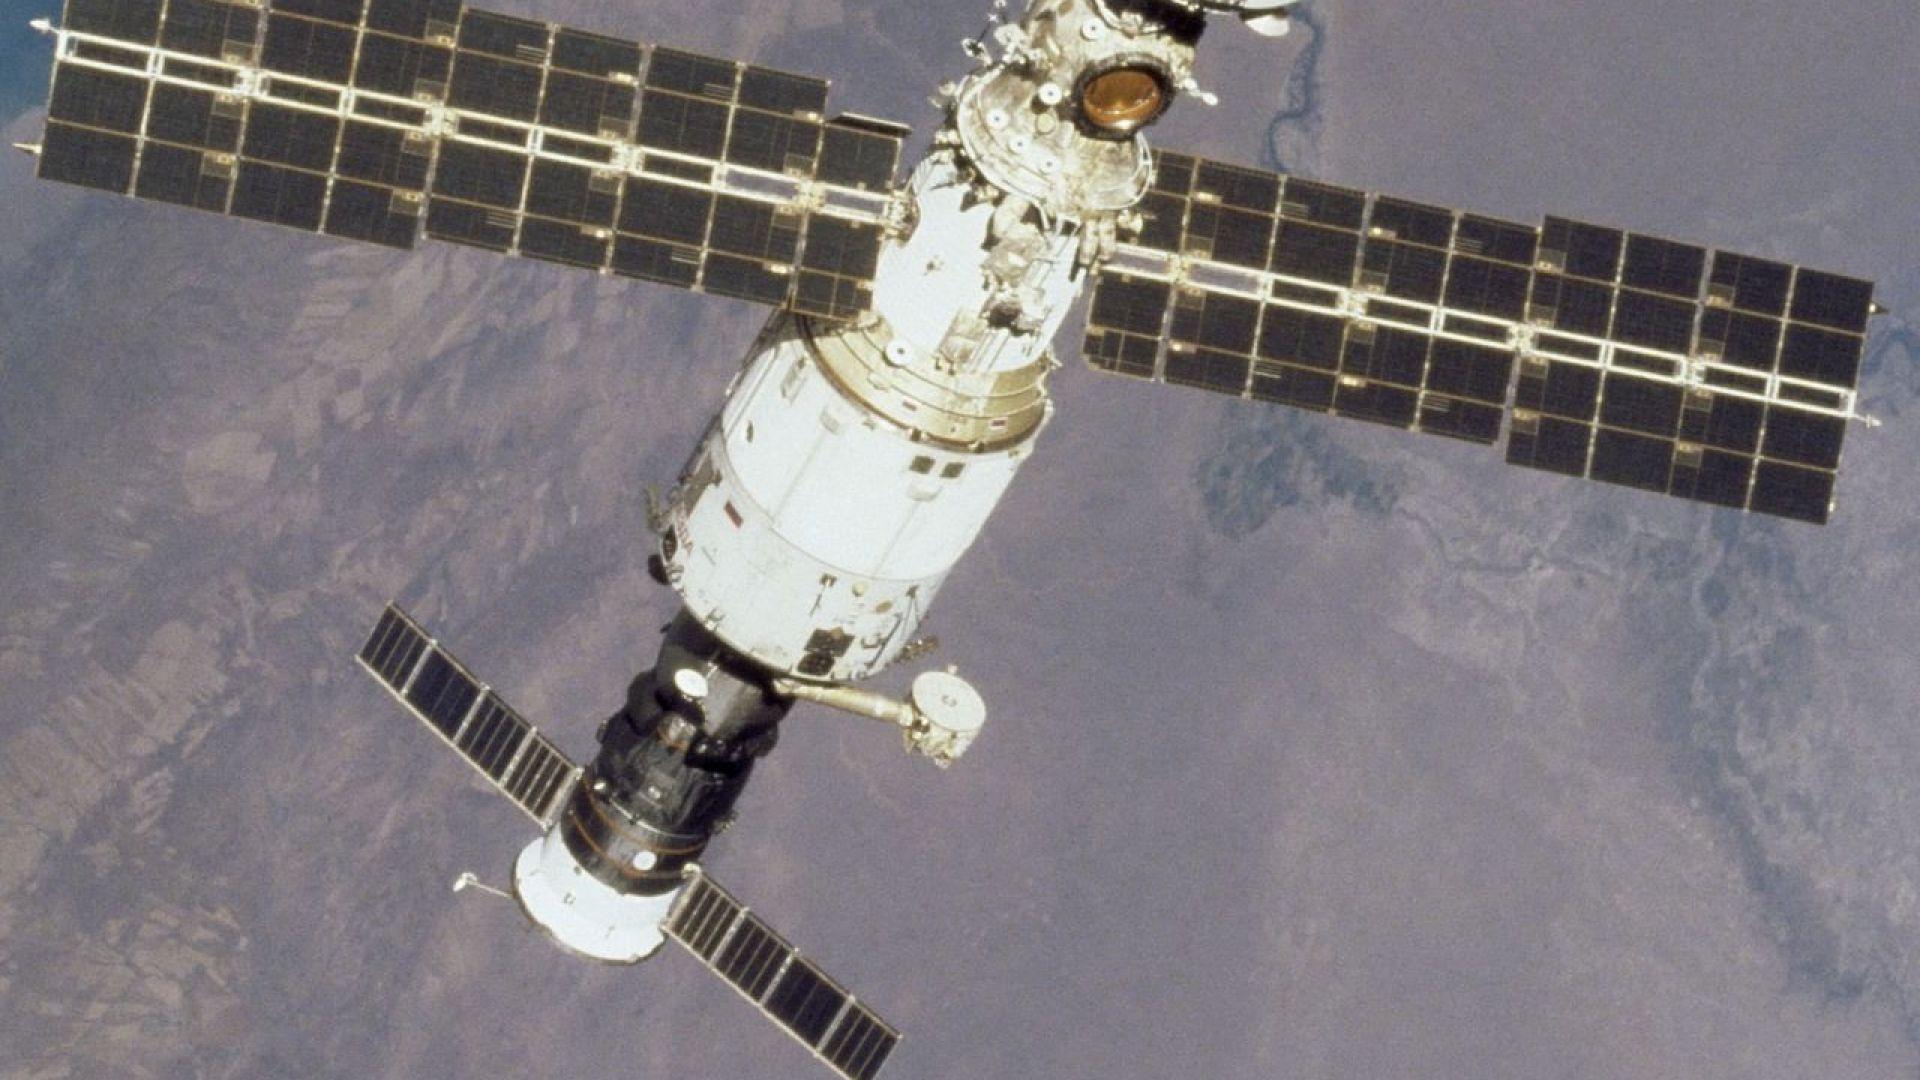 Въздухът изтича от МКС през пукнатина колкото косъм